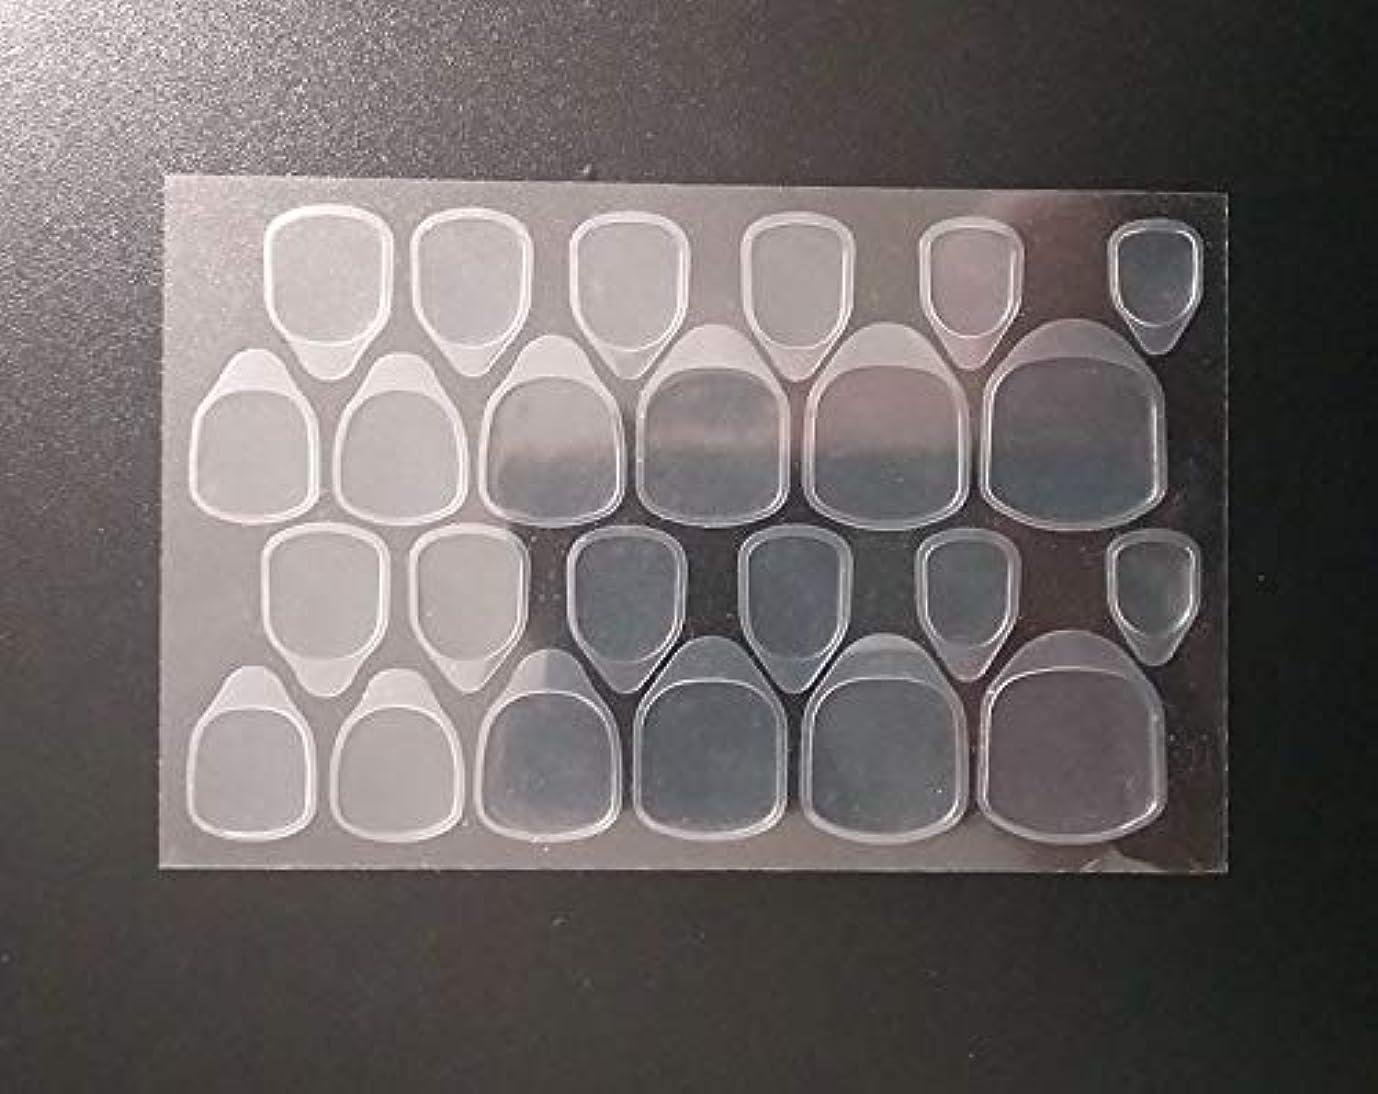 忌まわしい回復する最大の10枚セット つけ爪用 両面テープ ネイル 推奨超強力両面テープ ネイル両面接着剤 ネイルチップ用粘着グミ 両面テープ付きマニキュアチップ 両面ゲル